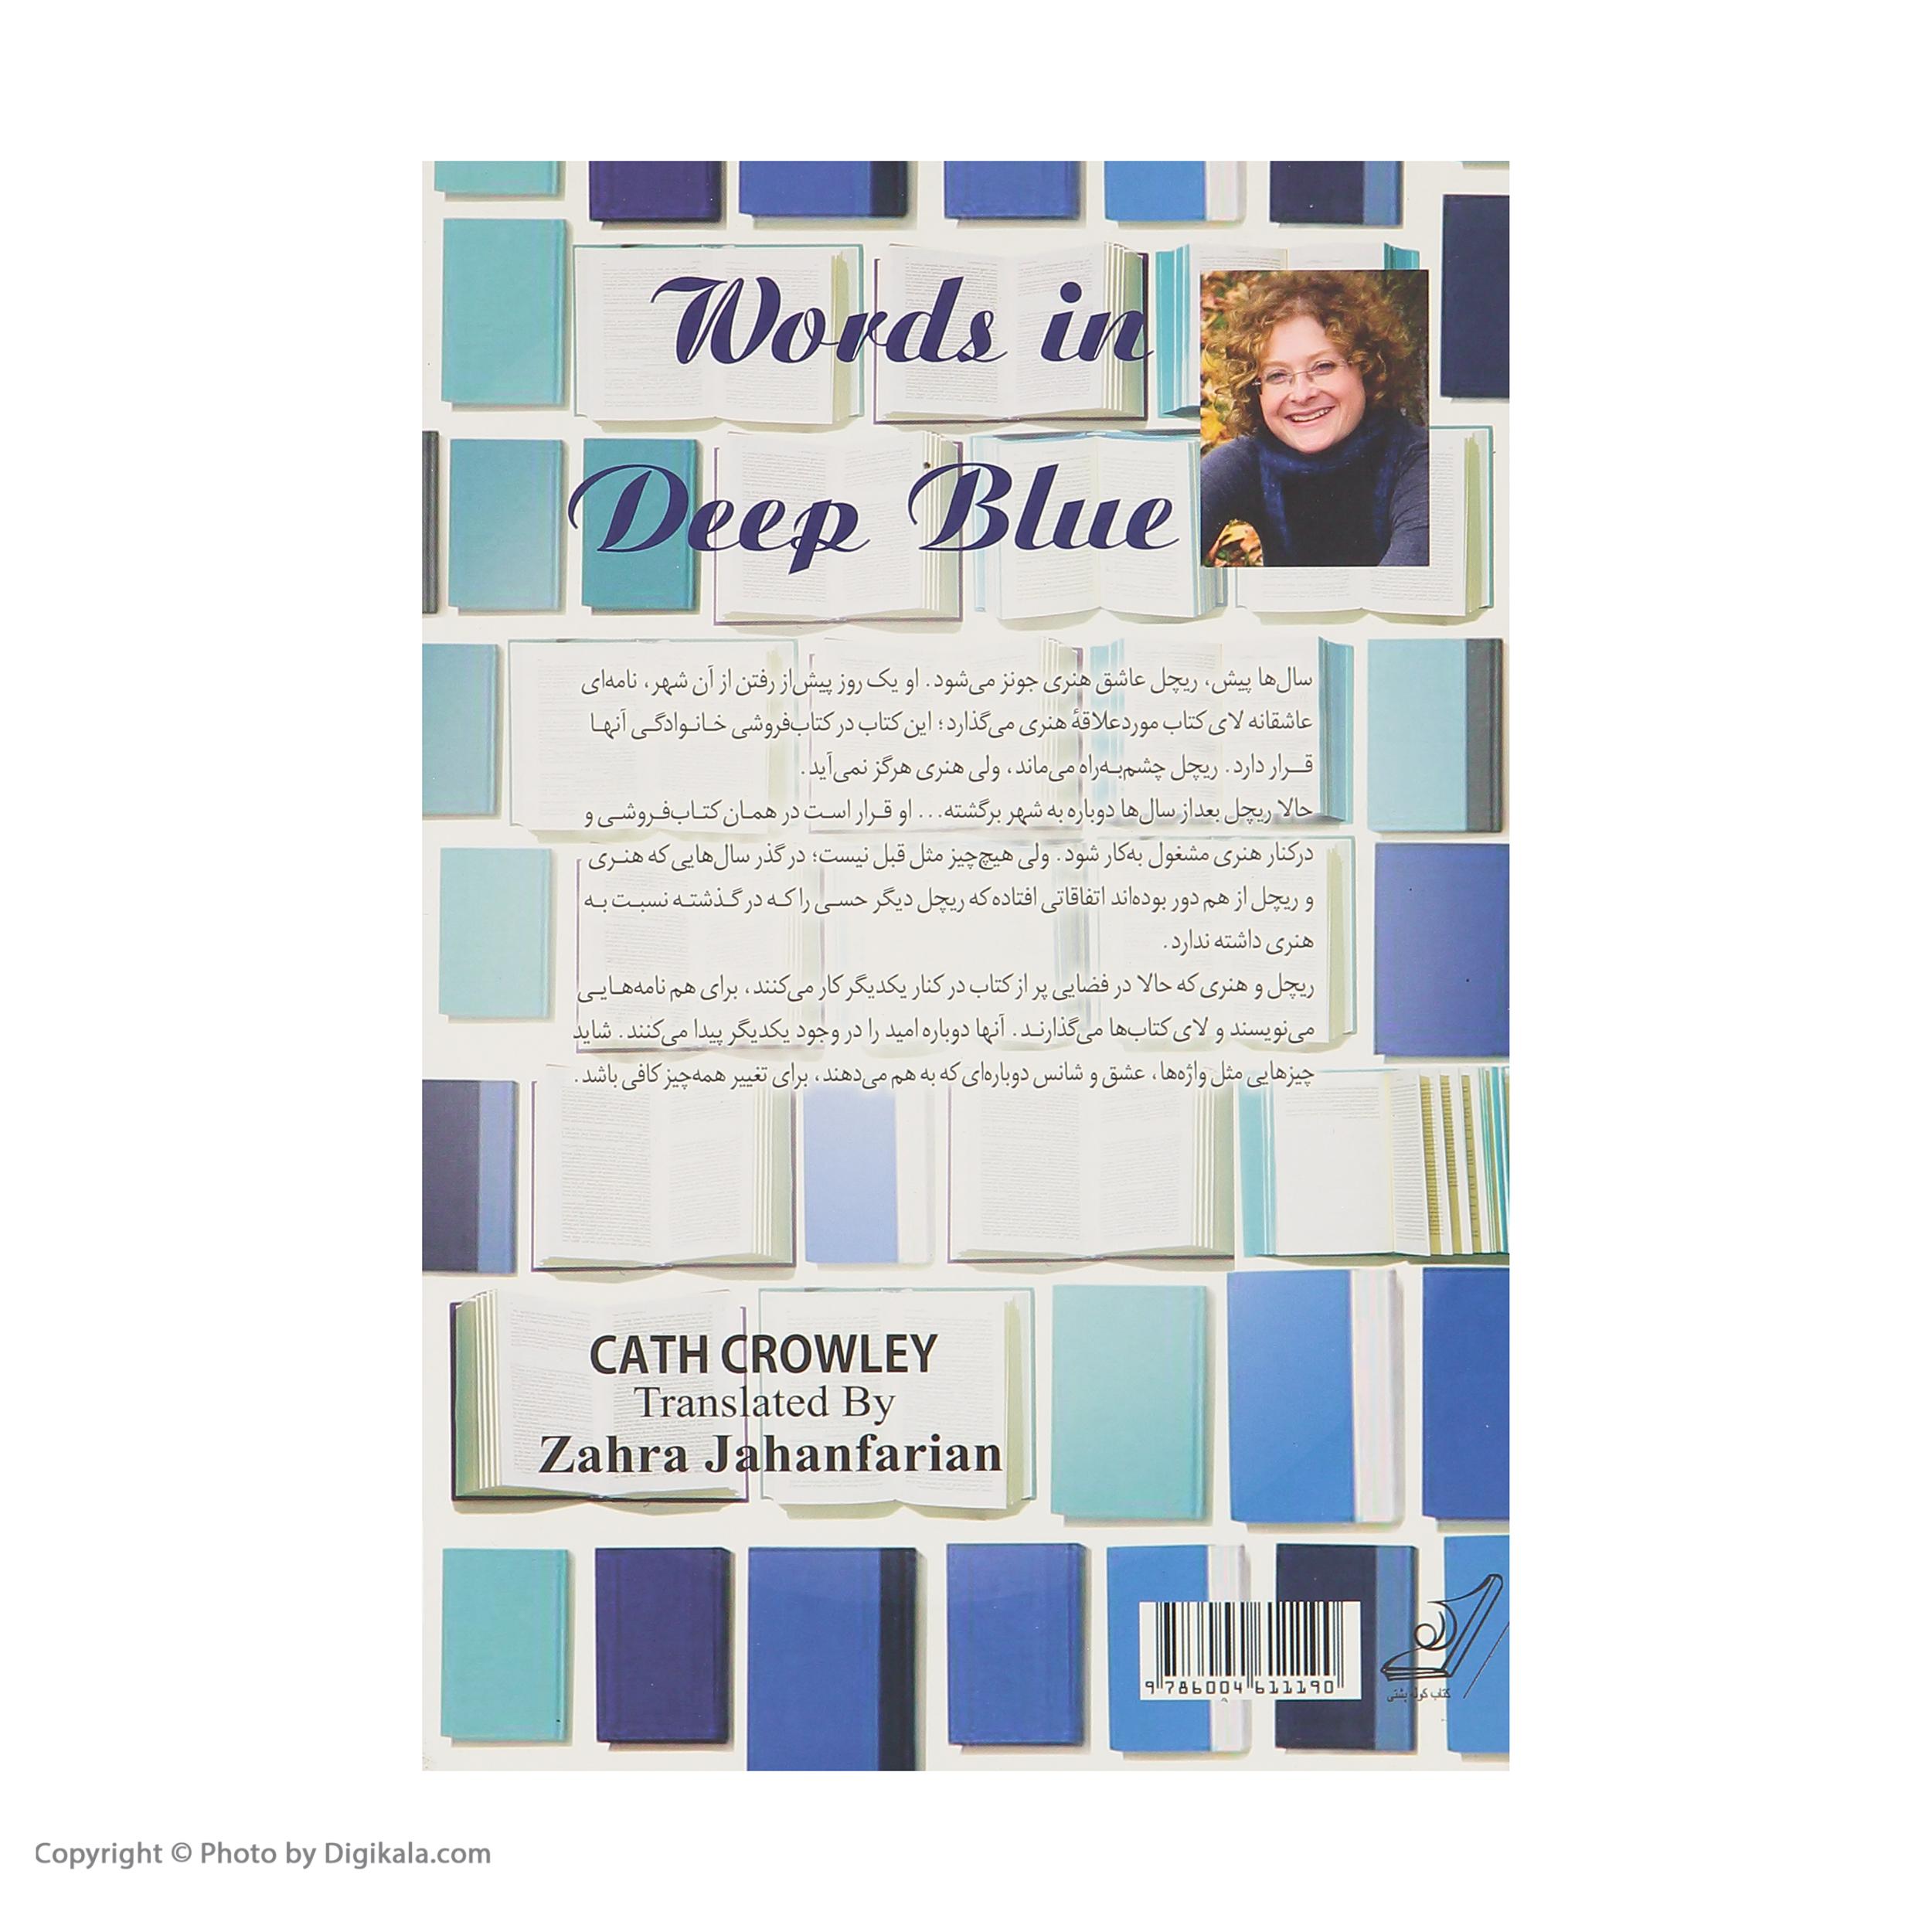 کتاب واژه هایی در اعماق آبی دریا اثر کت کرولی انتشارات کتاب کوله پشتی thumb 2 2